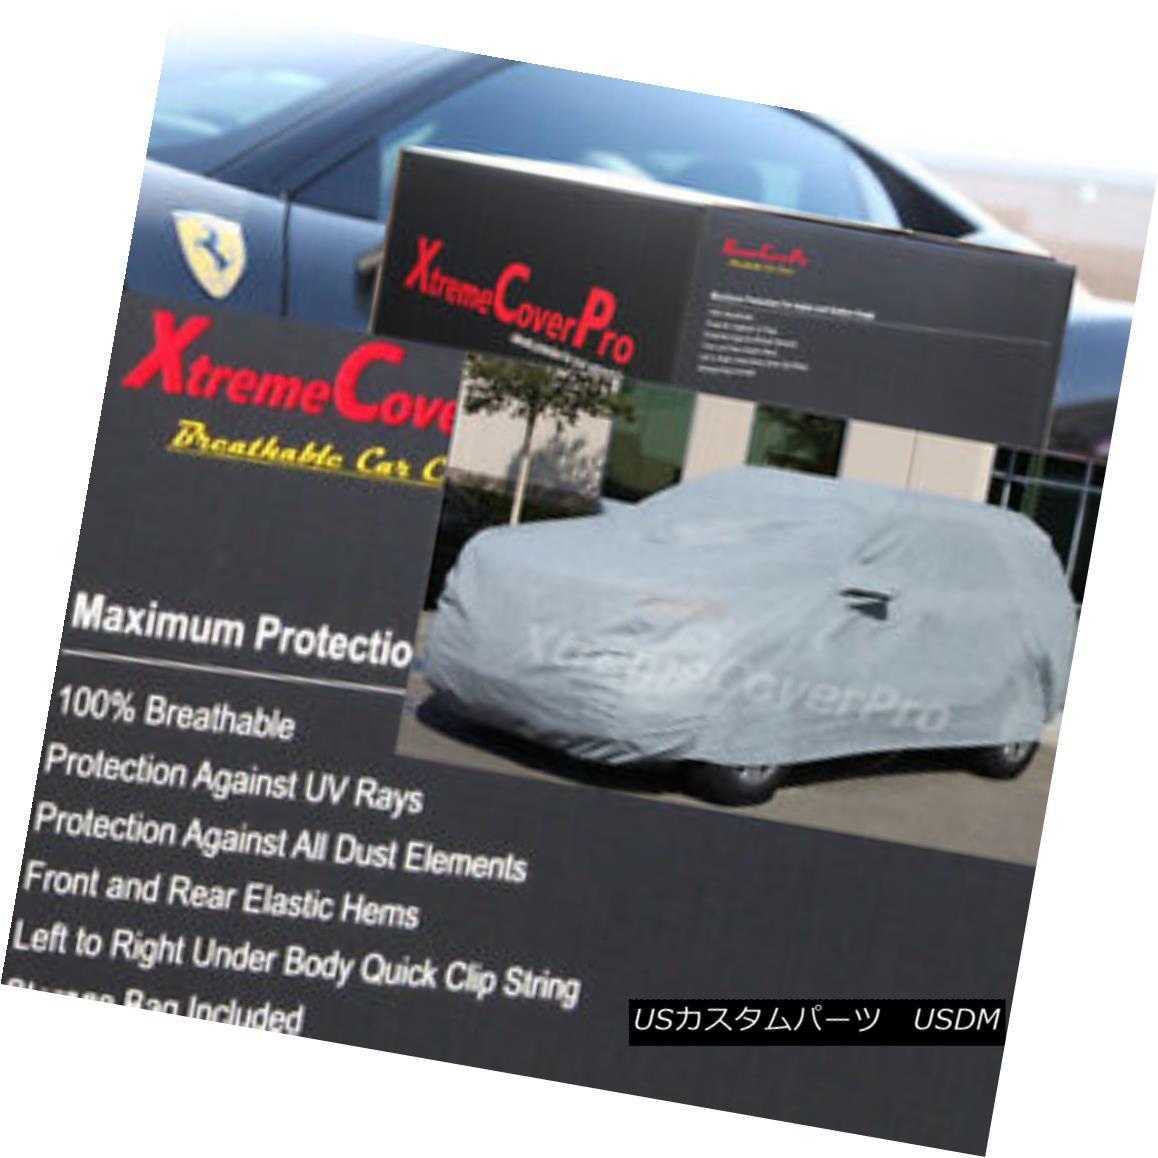 カーカバー 2018 DODGE GRAND CARAVAN BREATHABLE CAR COVER W/MIRROR POCKET - GREY 2018ドッジグランカーバンブレアブルカーカバー/ミラーポケット - グレー